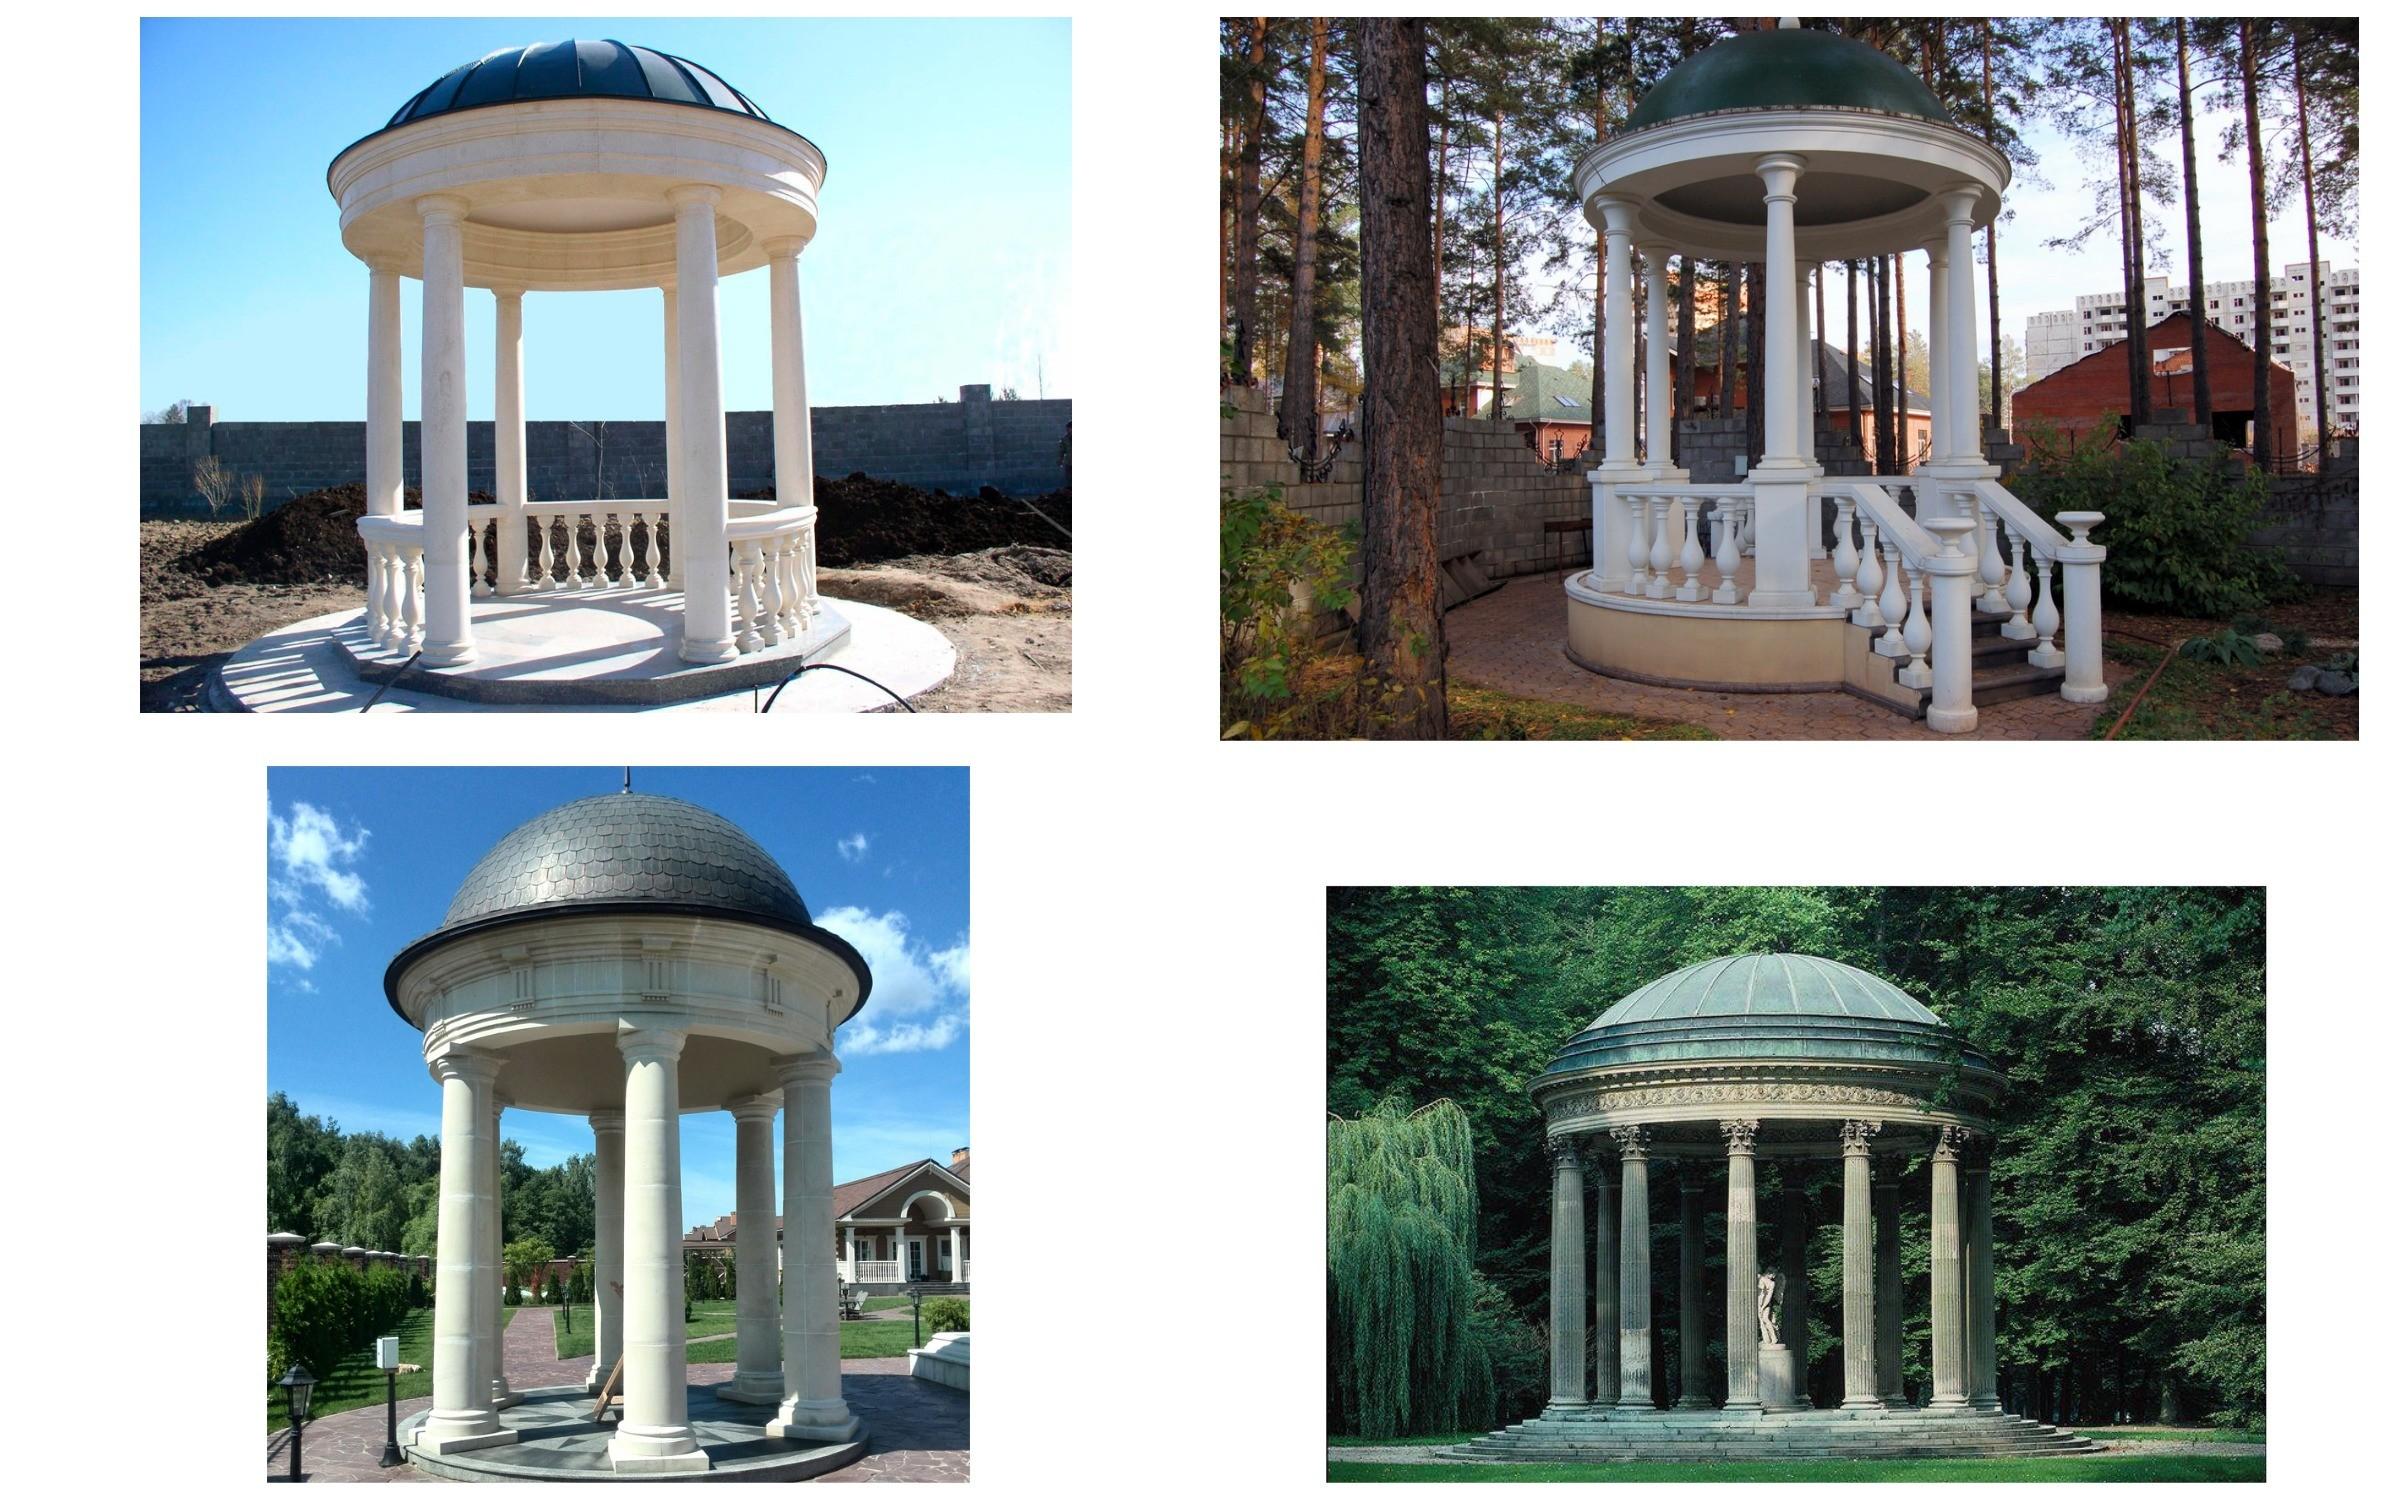 фото ротонда С куполом и колоннами